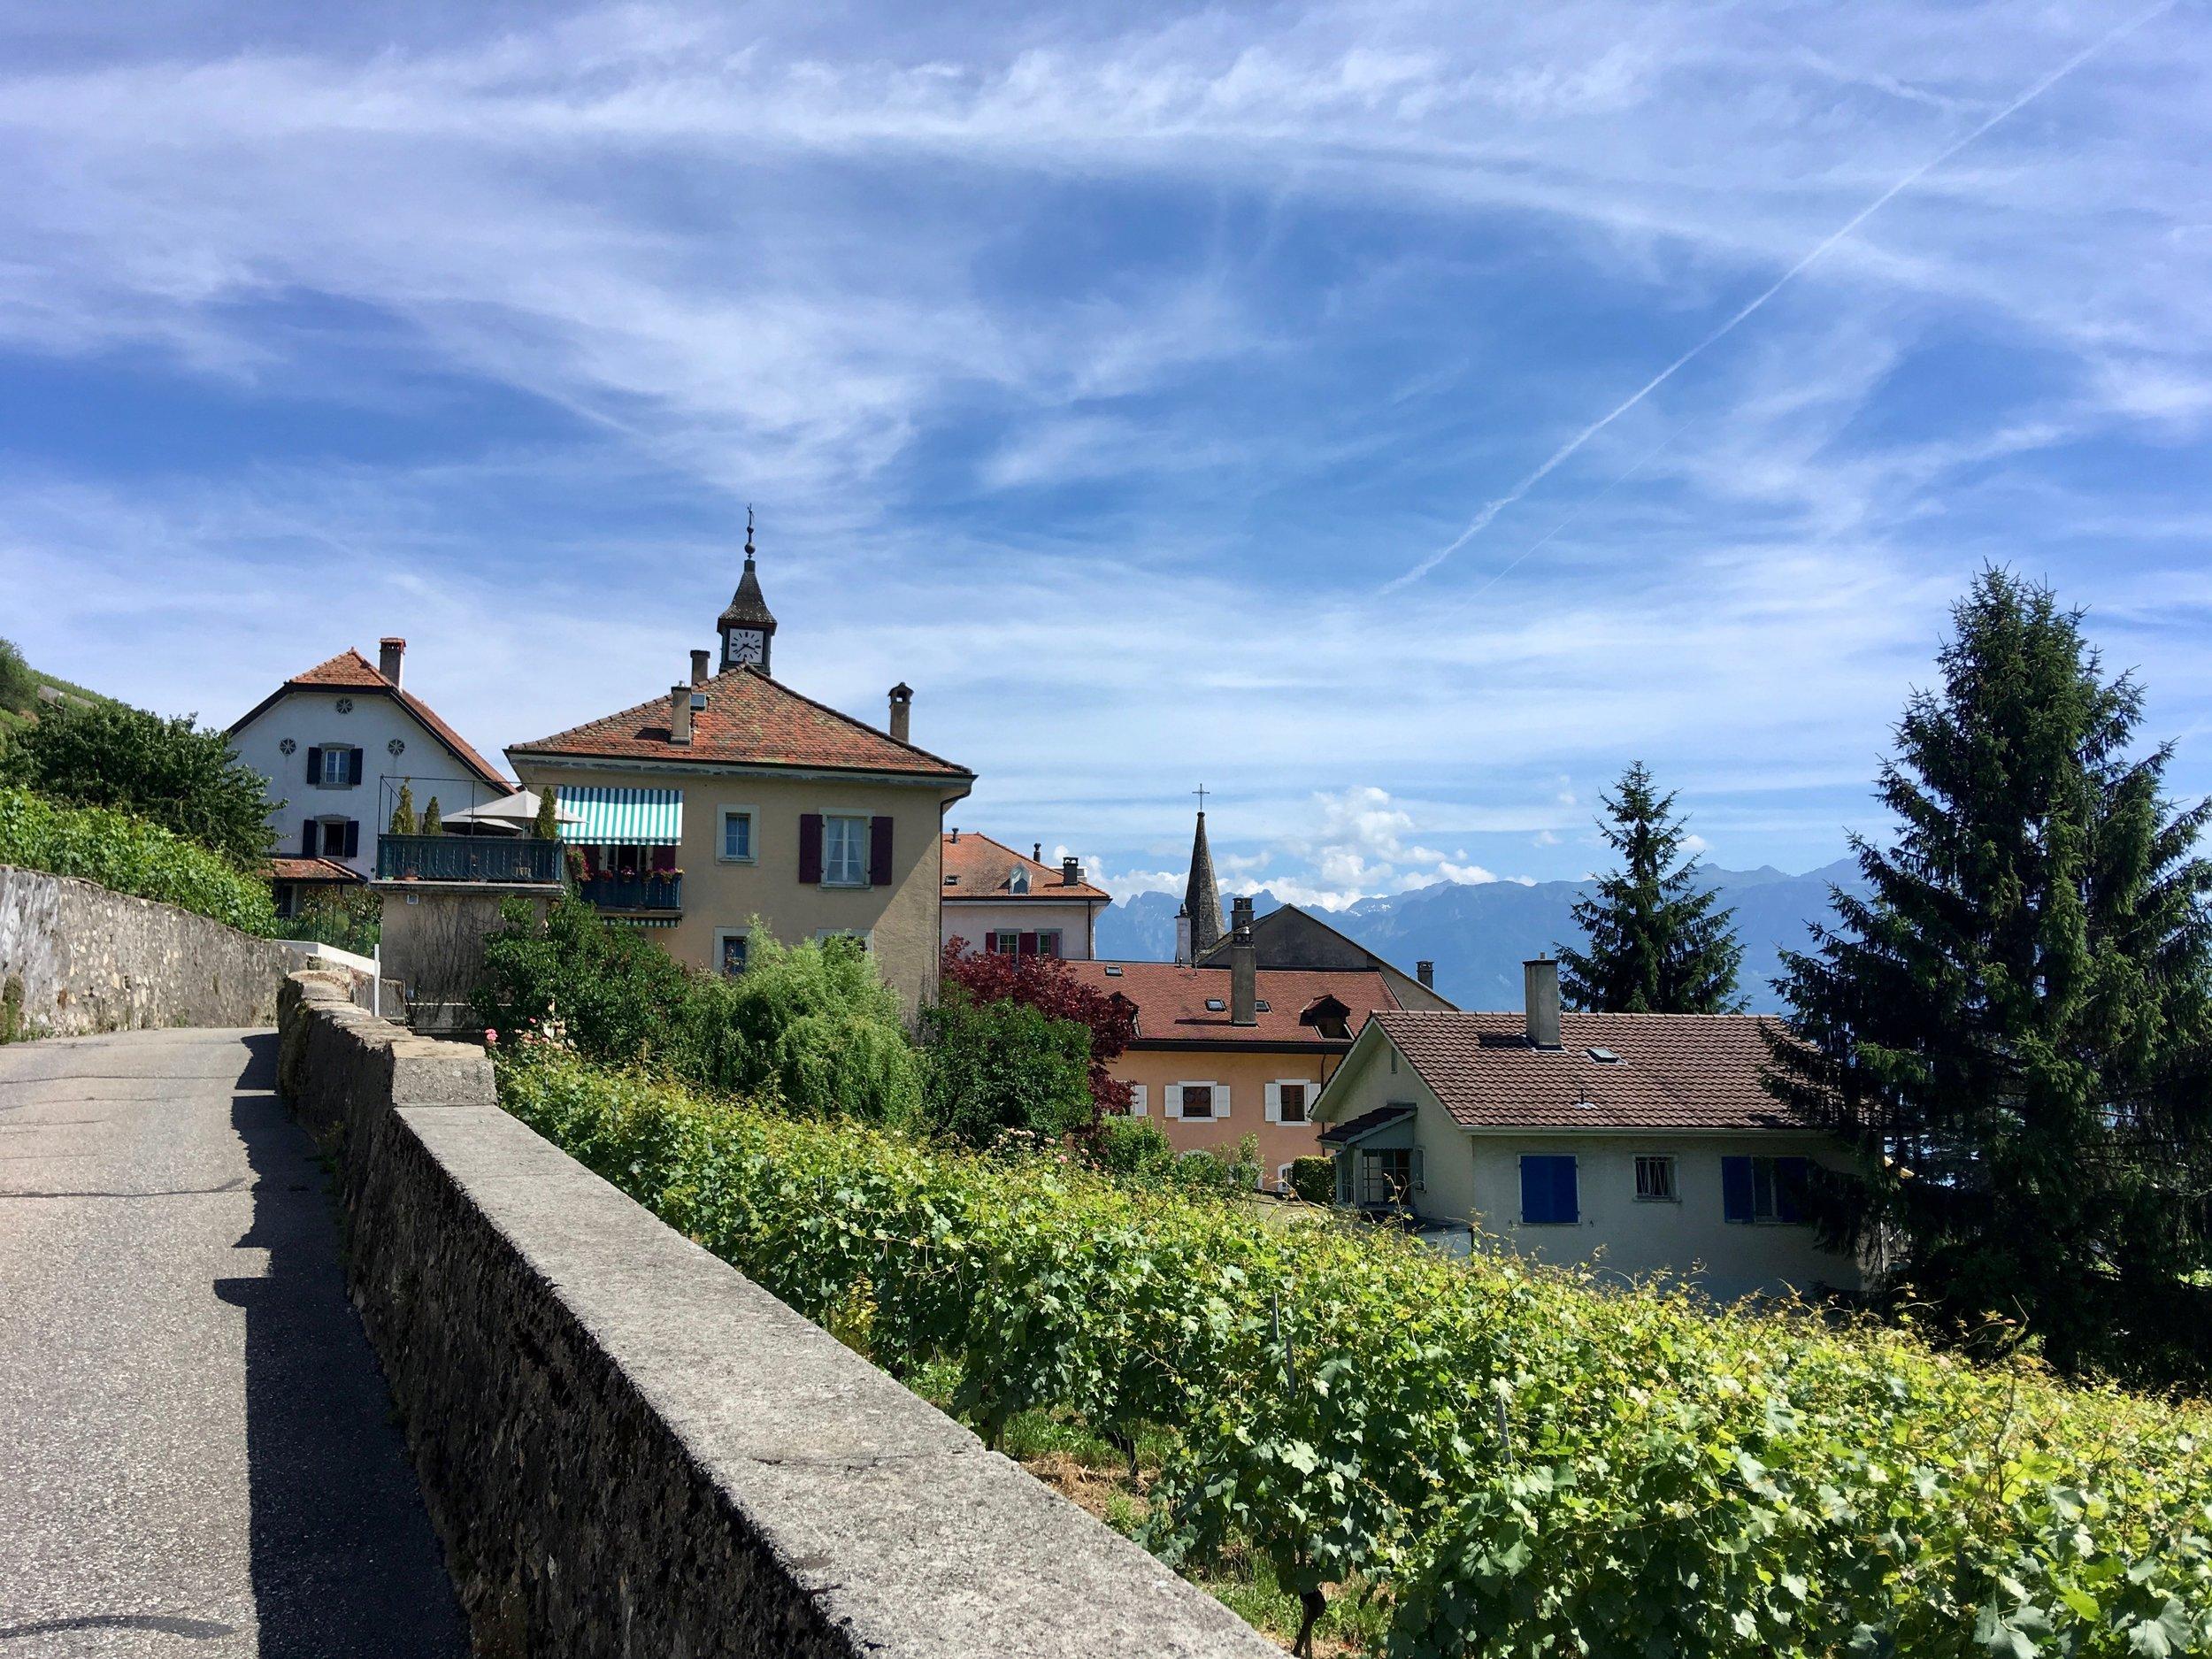 Villette, Switzerland